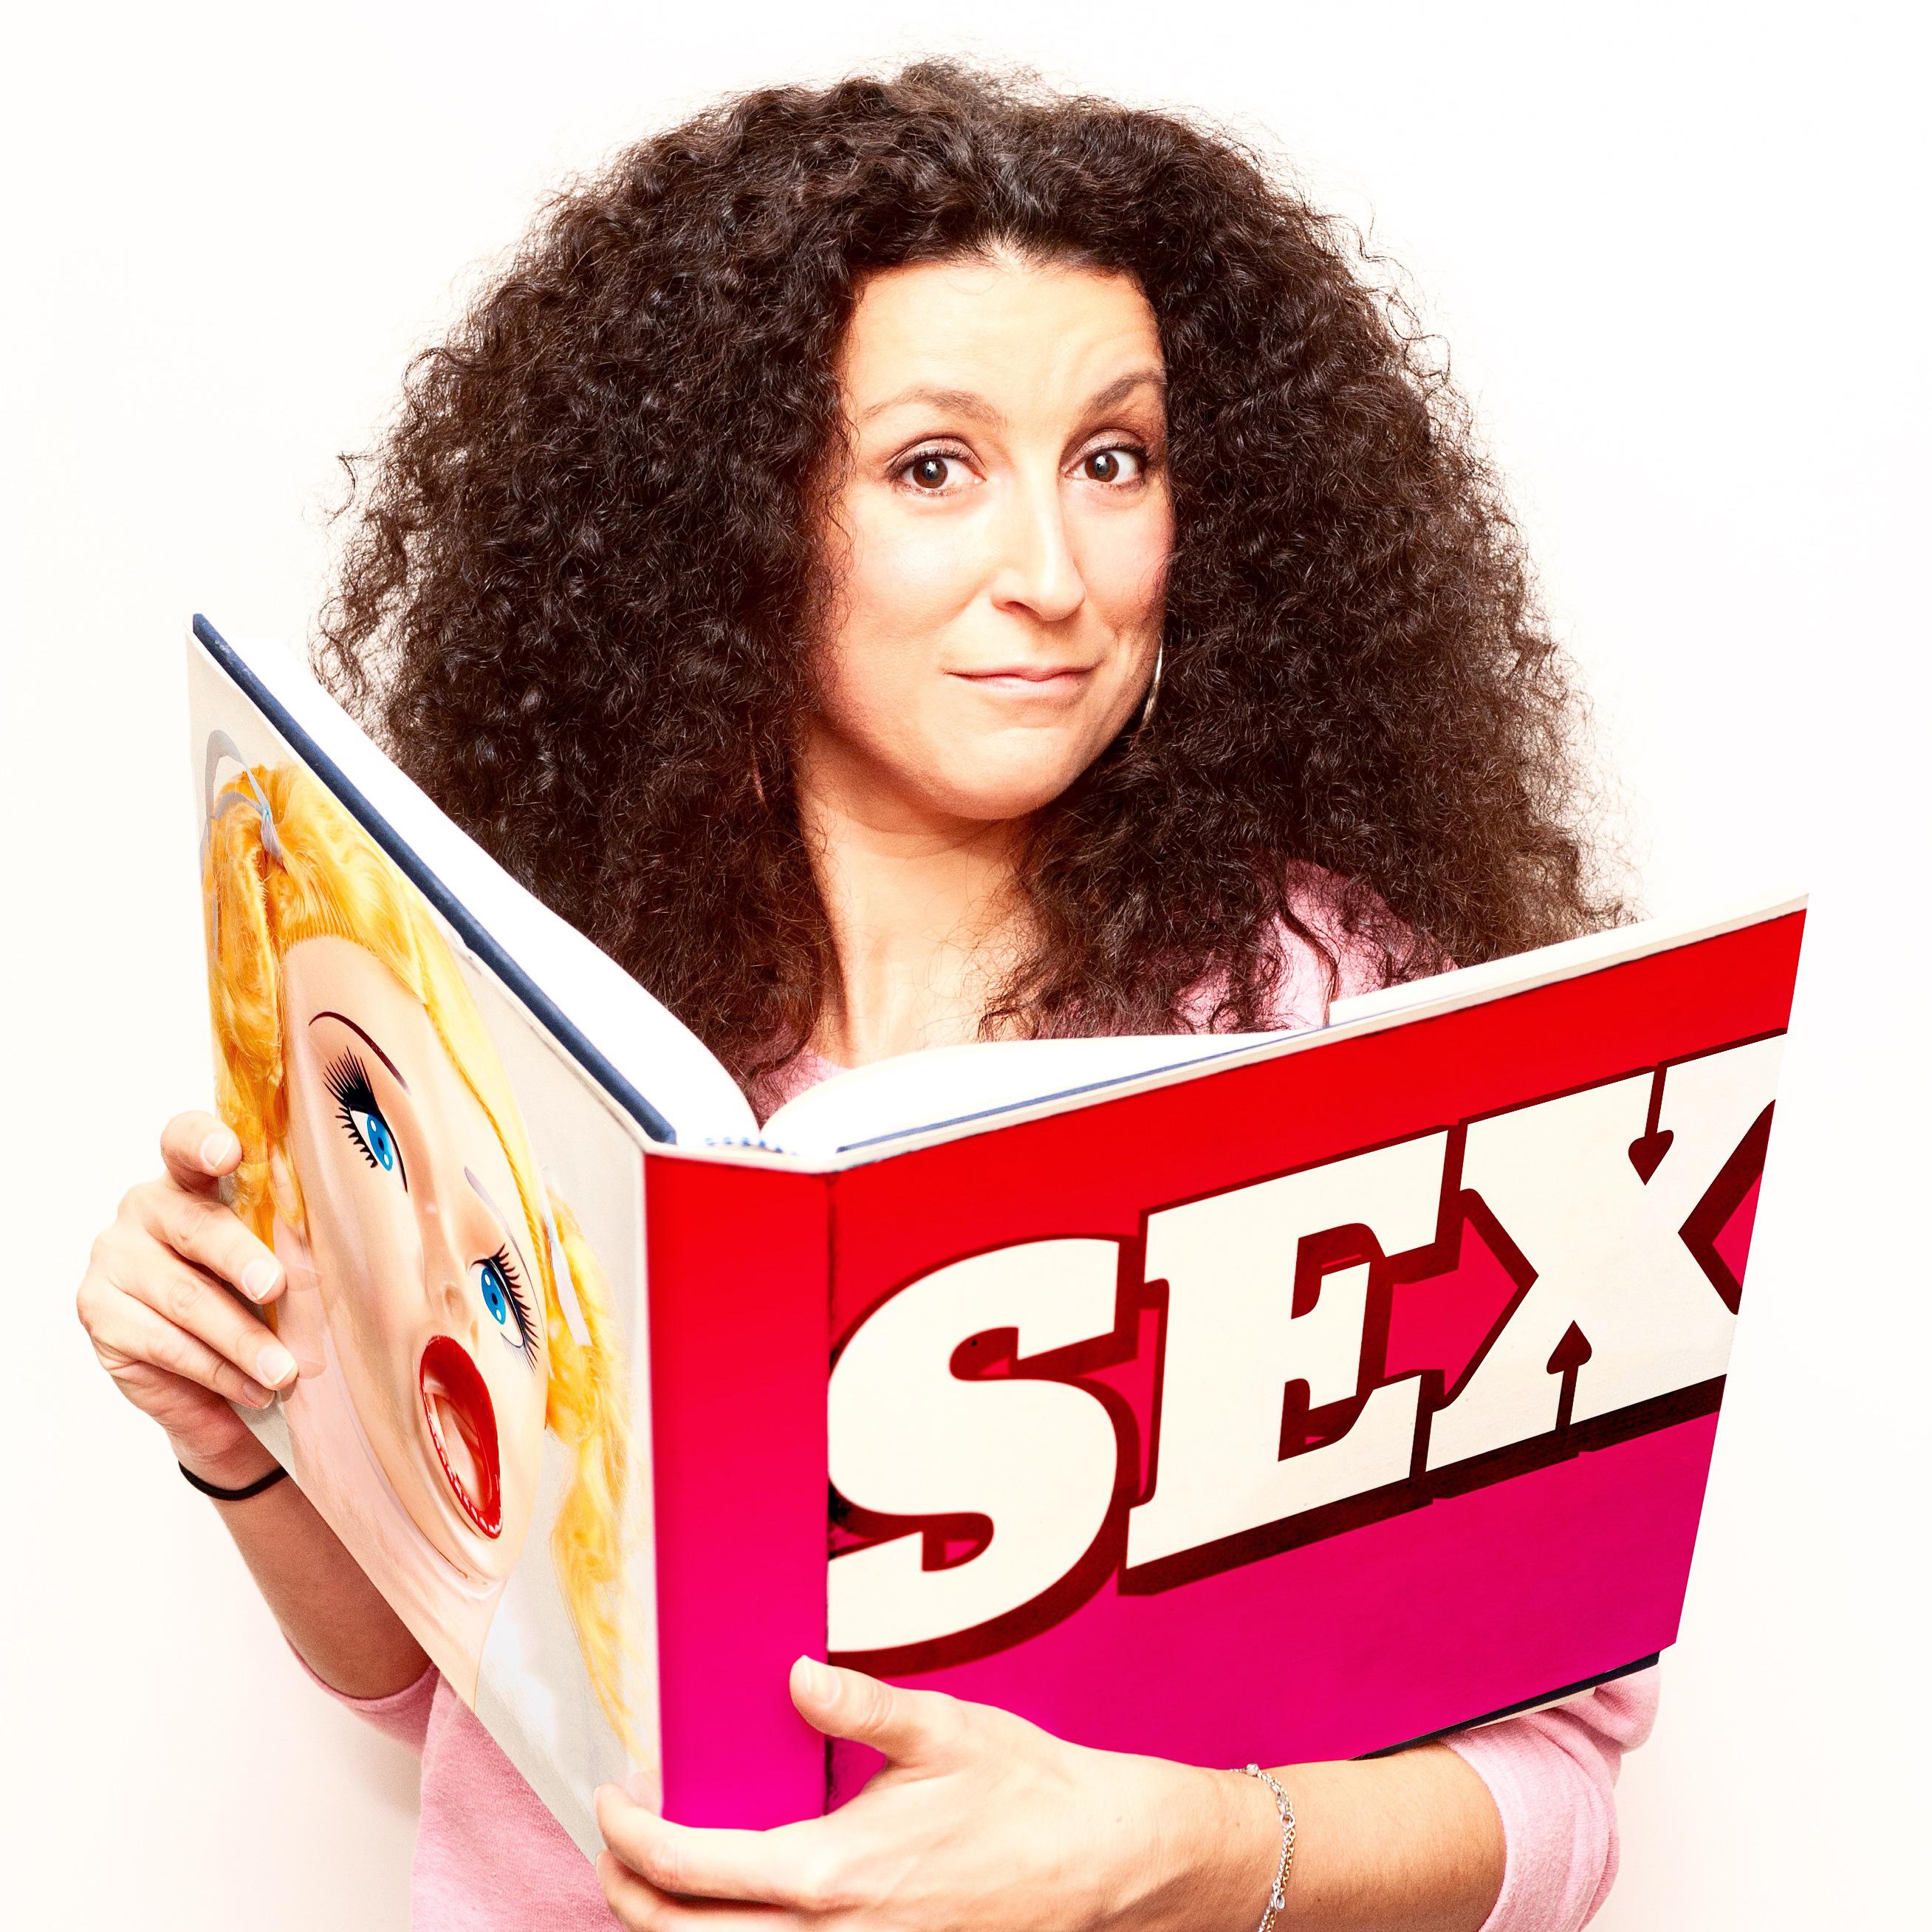 Κατερίνα Βρανά: το CNN την κατέταξε στην λίστα «Γυναίκες Κωμικοί Που Πρέπει Να Δείτε» *συνέντευξη